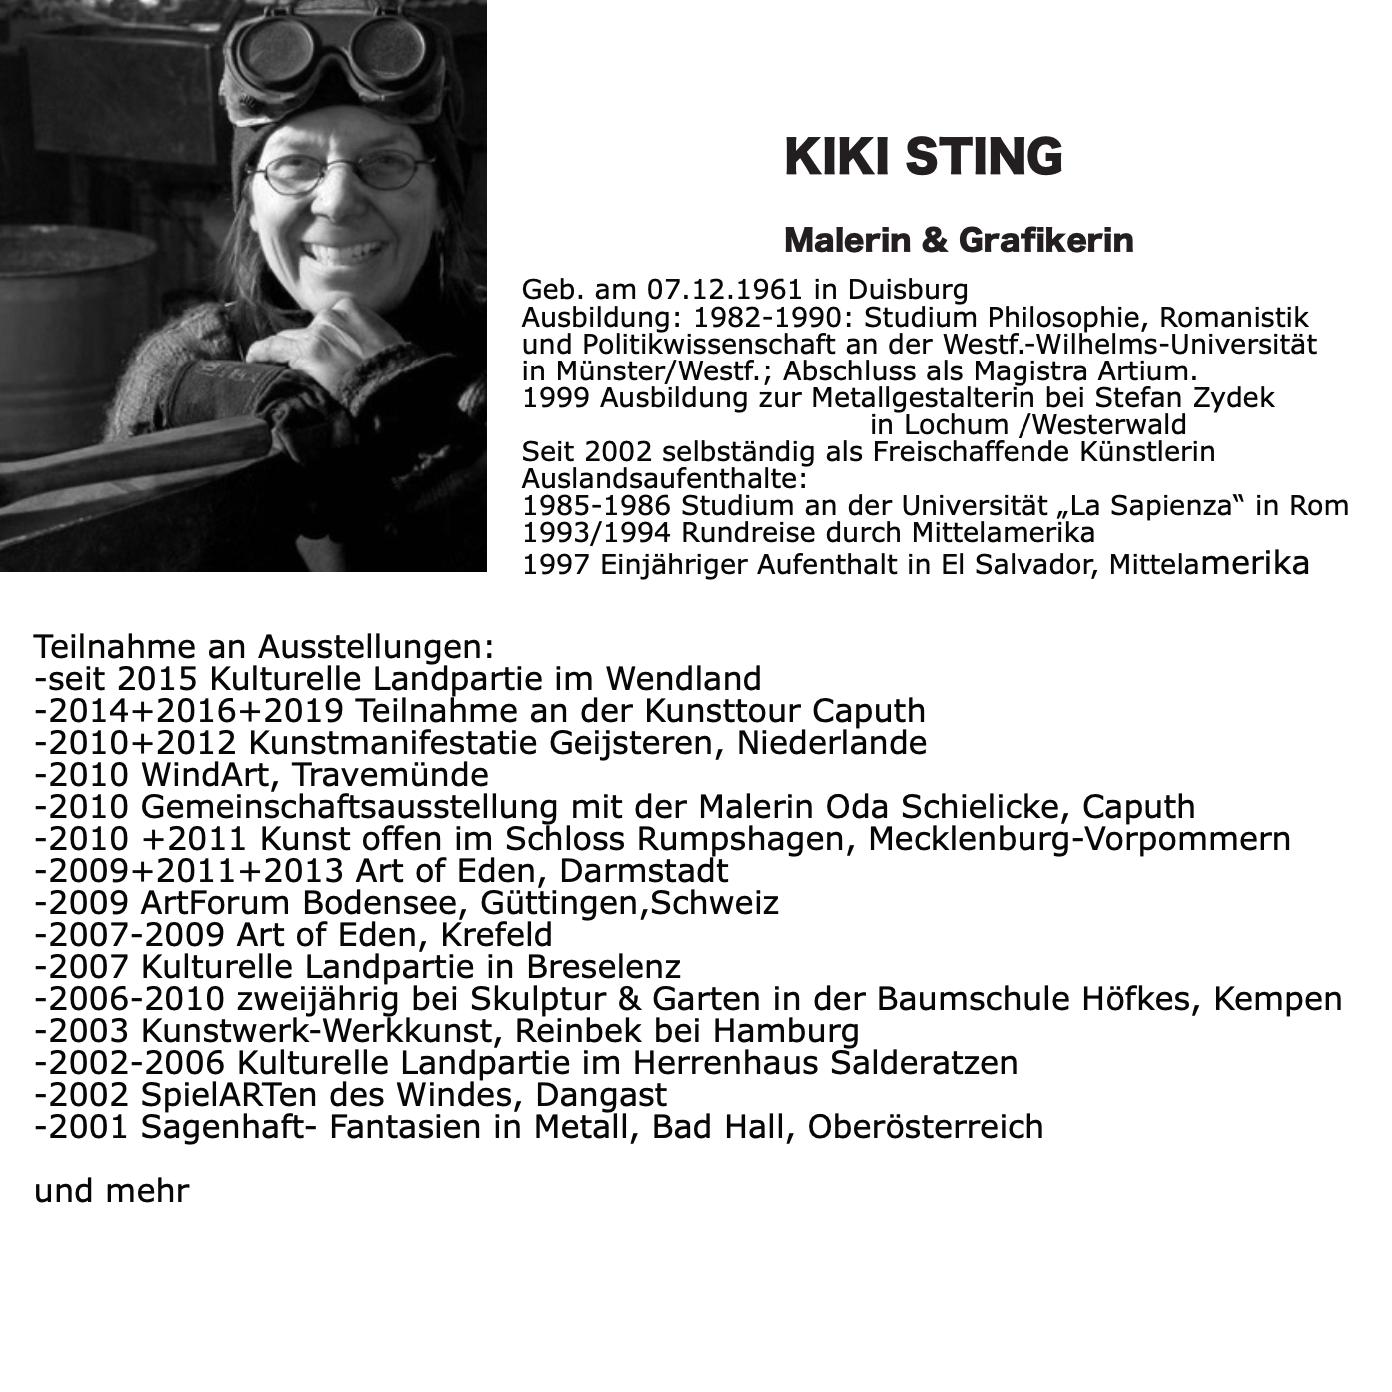 Künstlerin Kiki Sting, SchlossGalerie Haape